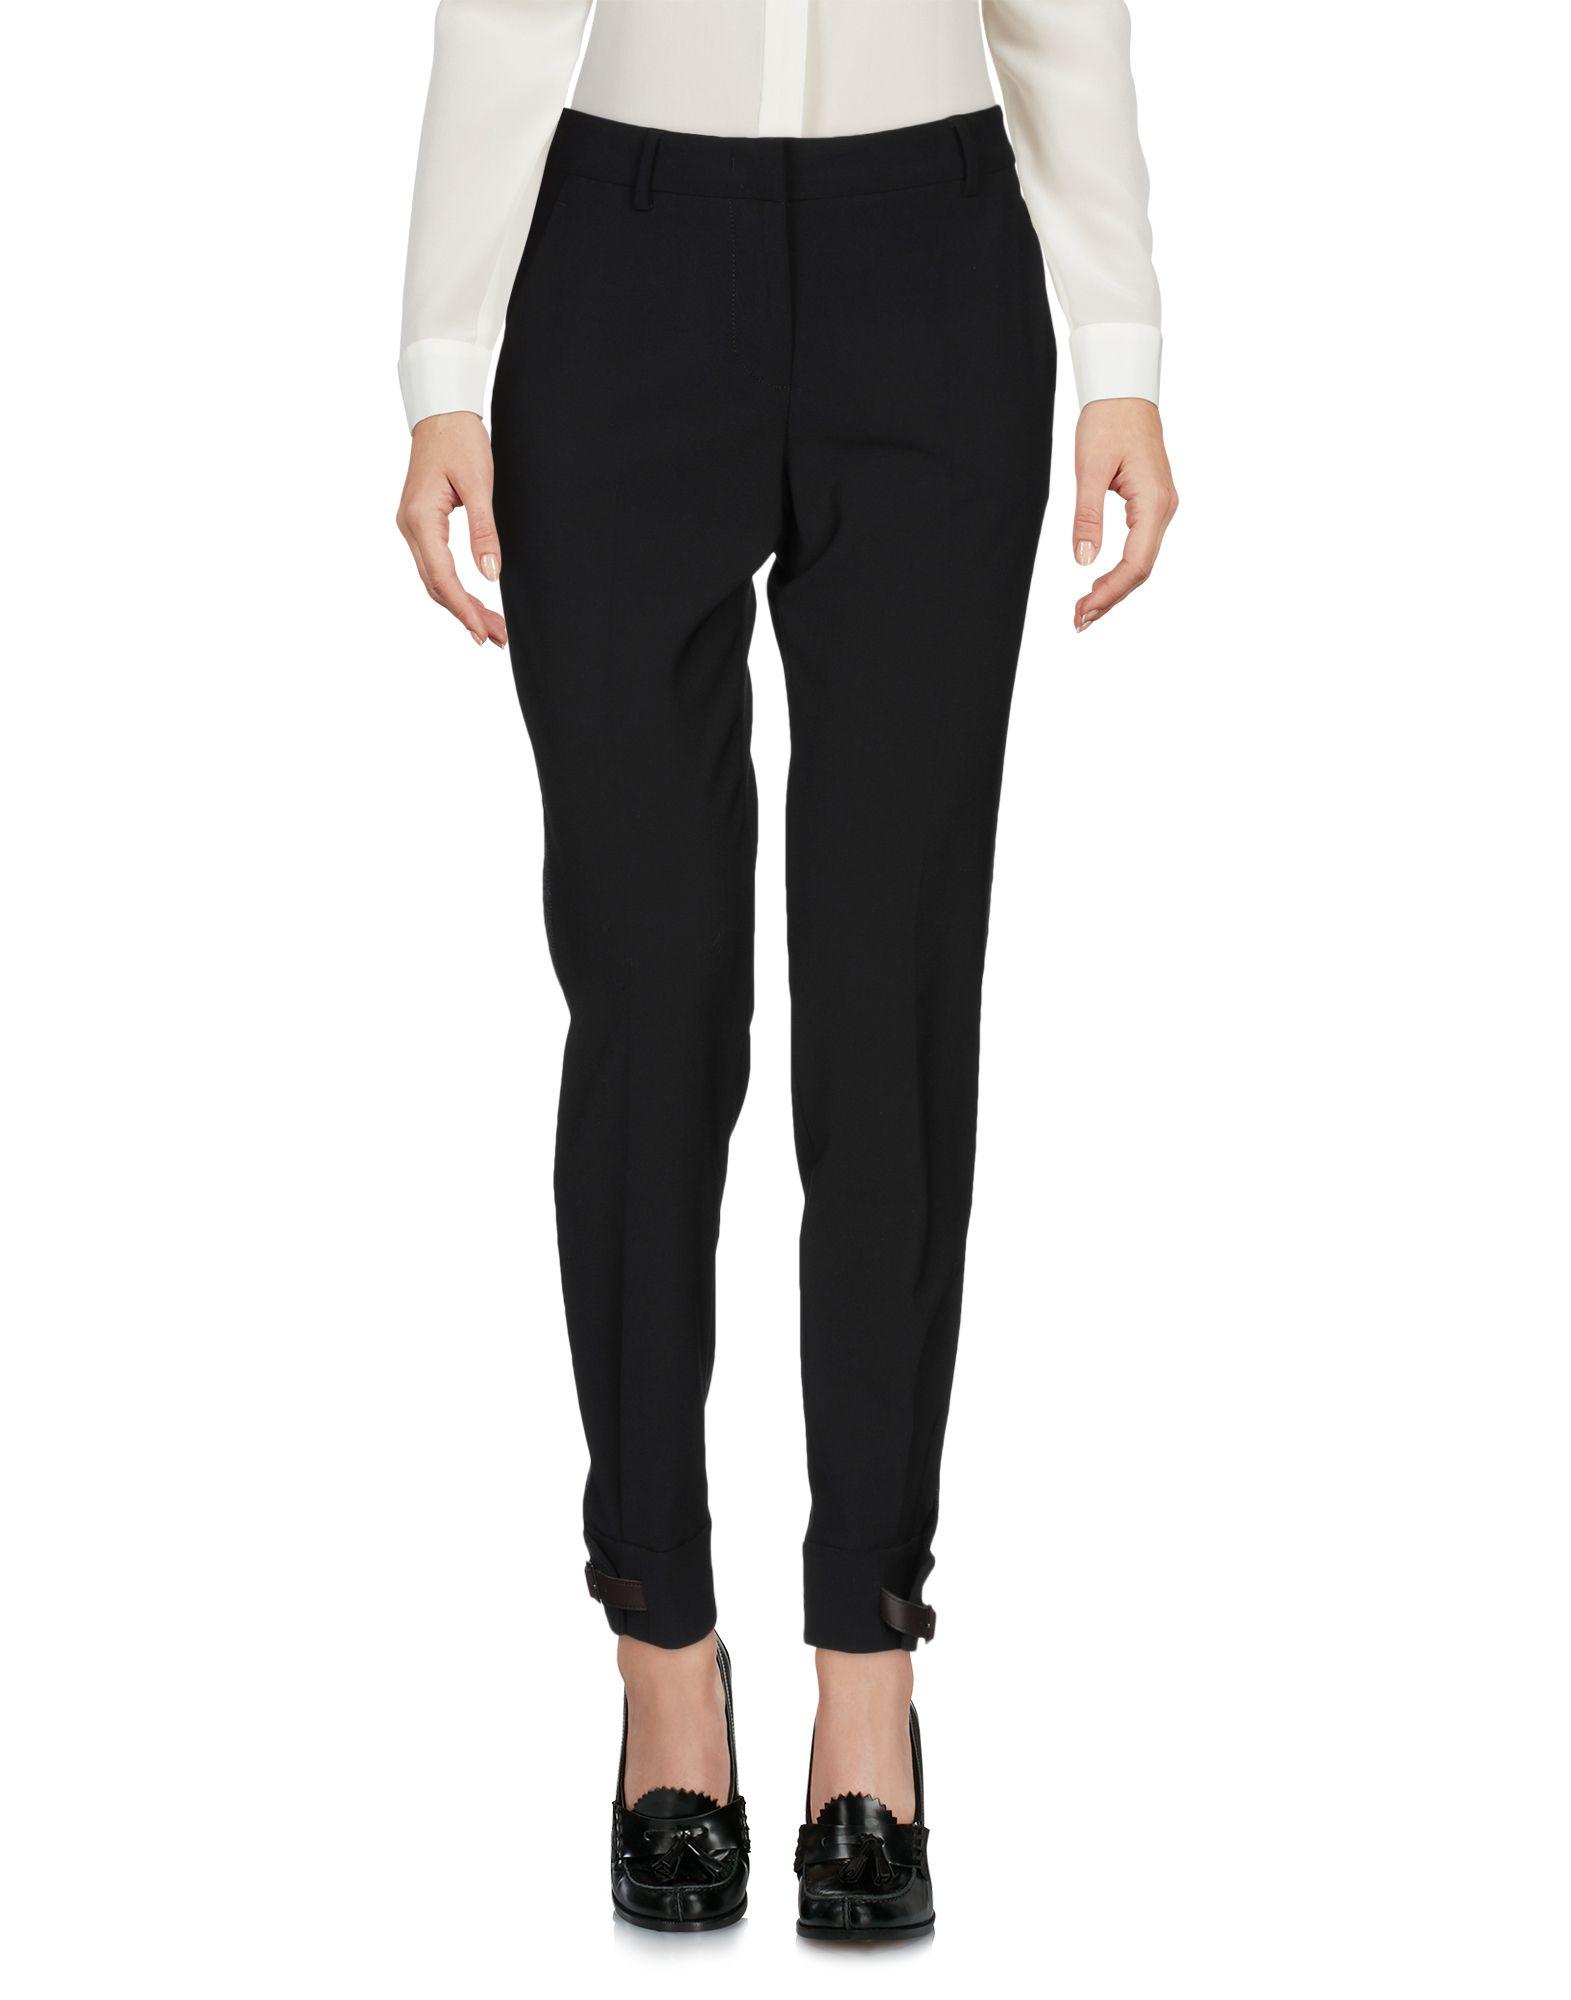 Pantalone J.B. Foster donna - - 13222843DP  einfaches und großzügiges Design